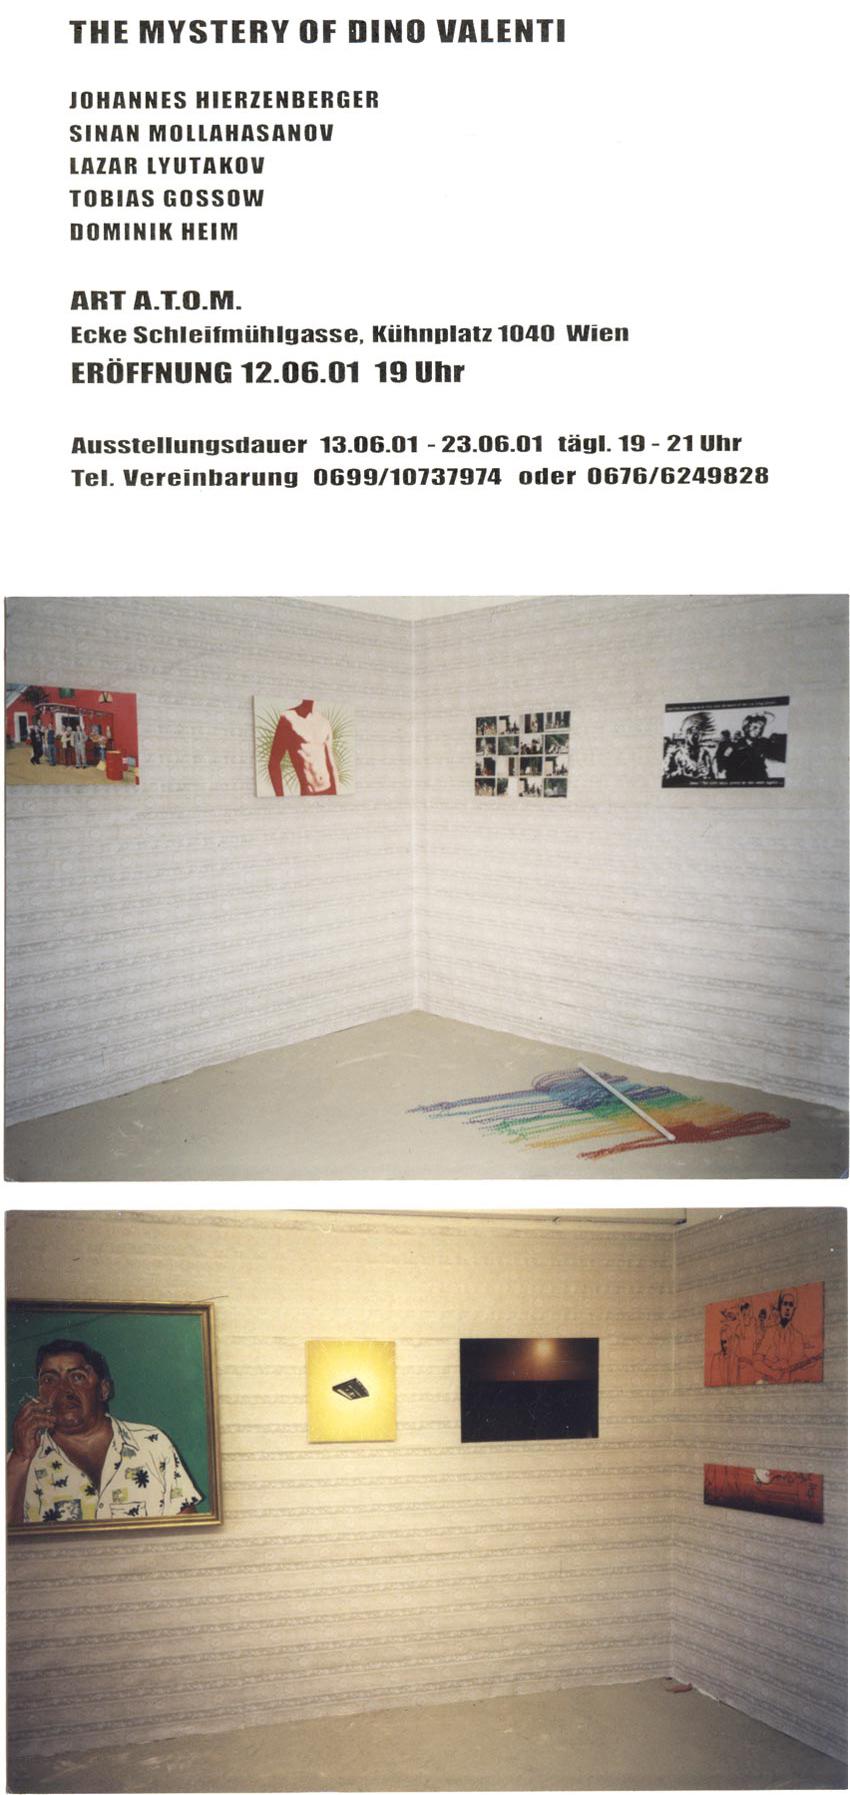 Tobias Gossow - Malerei - Dino Valentini - Ausstellung